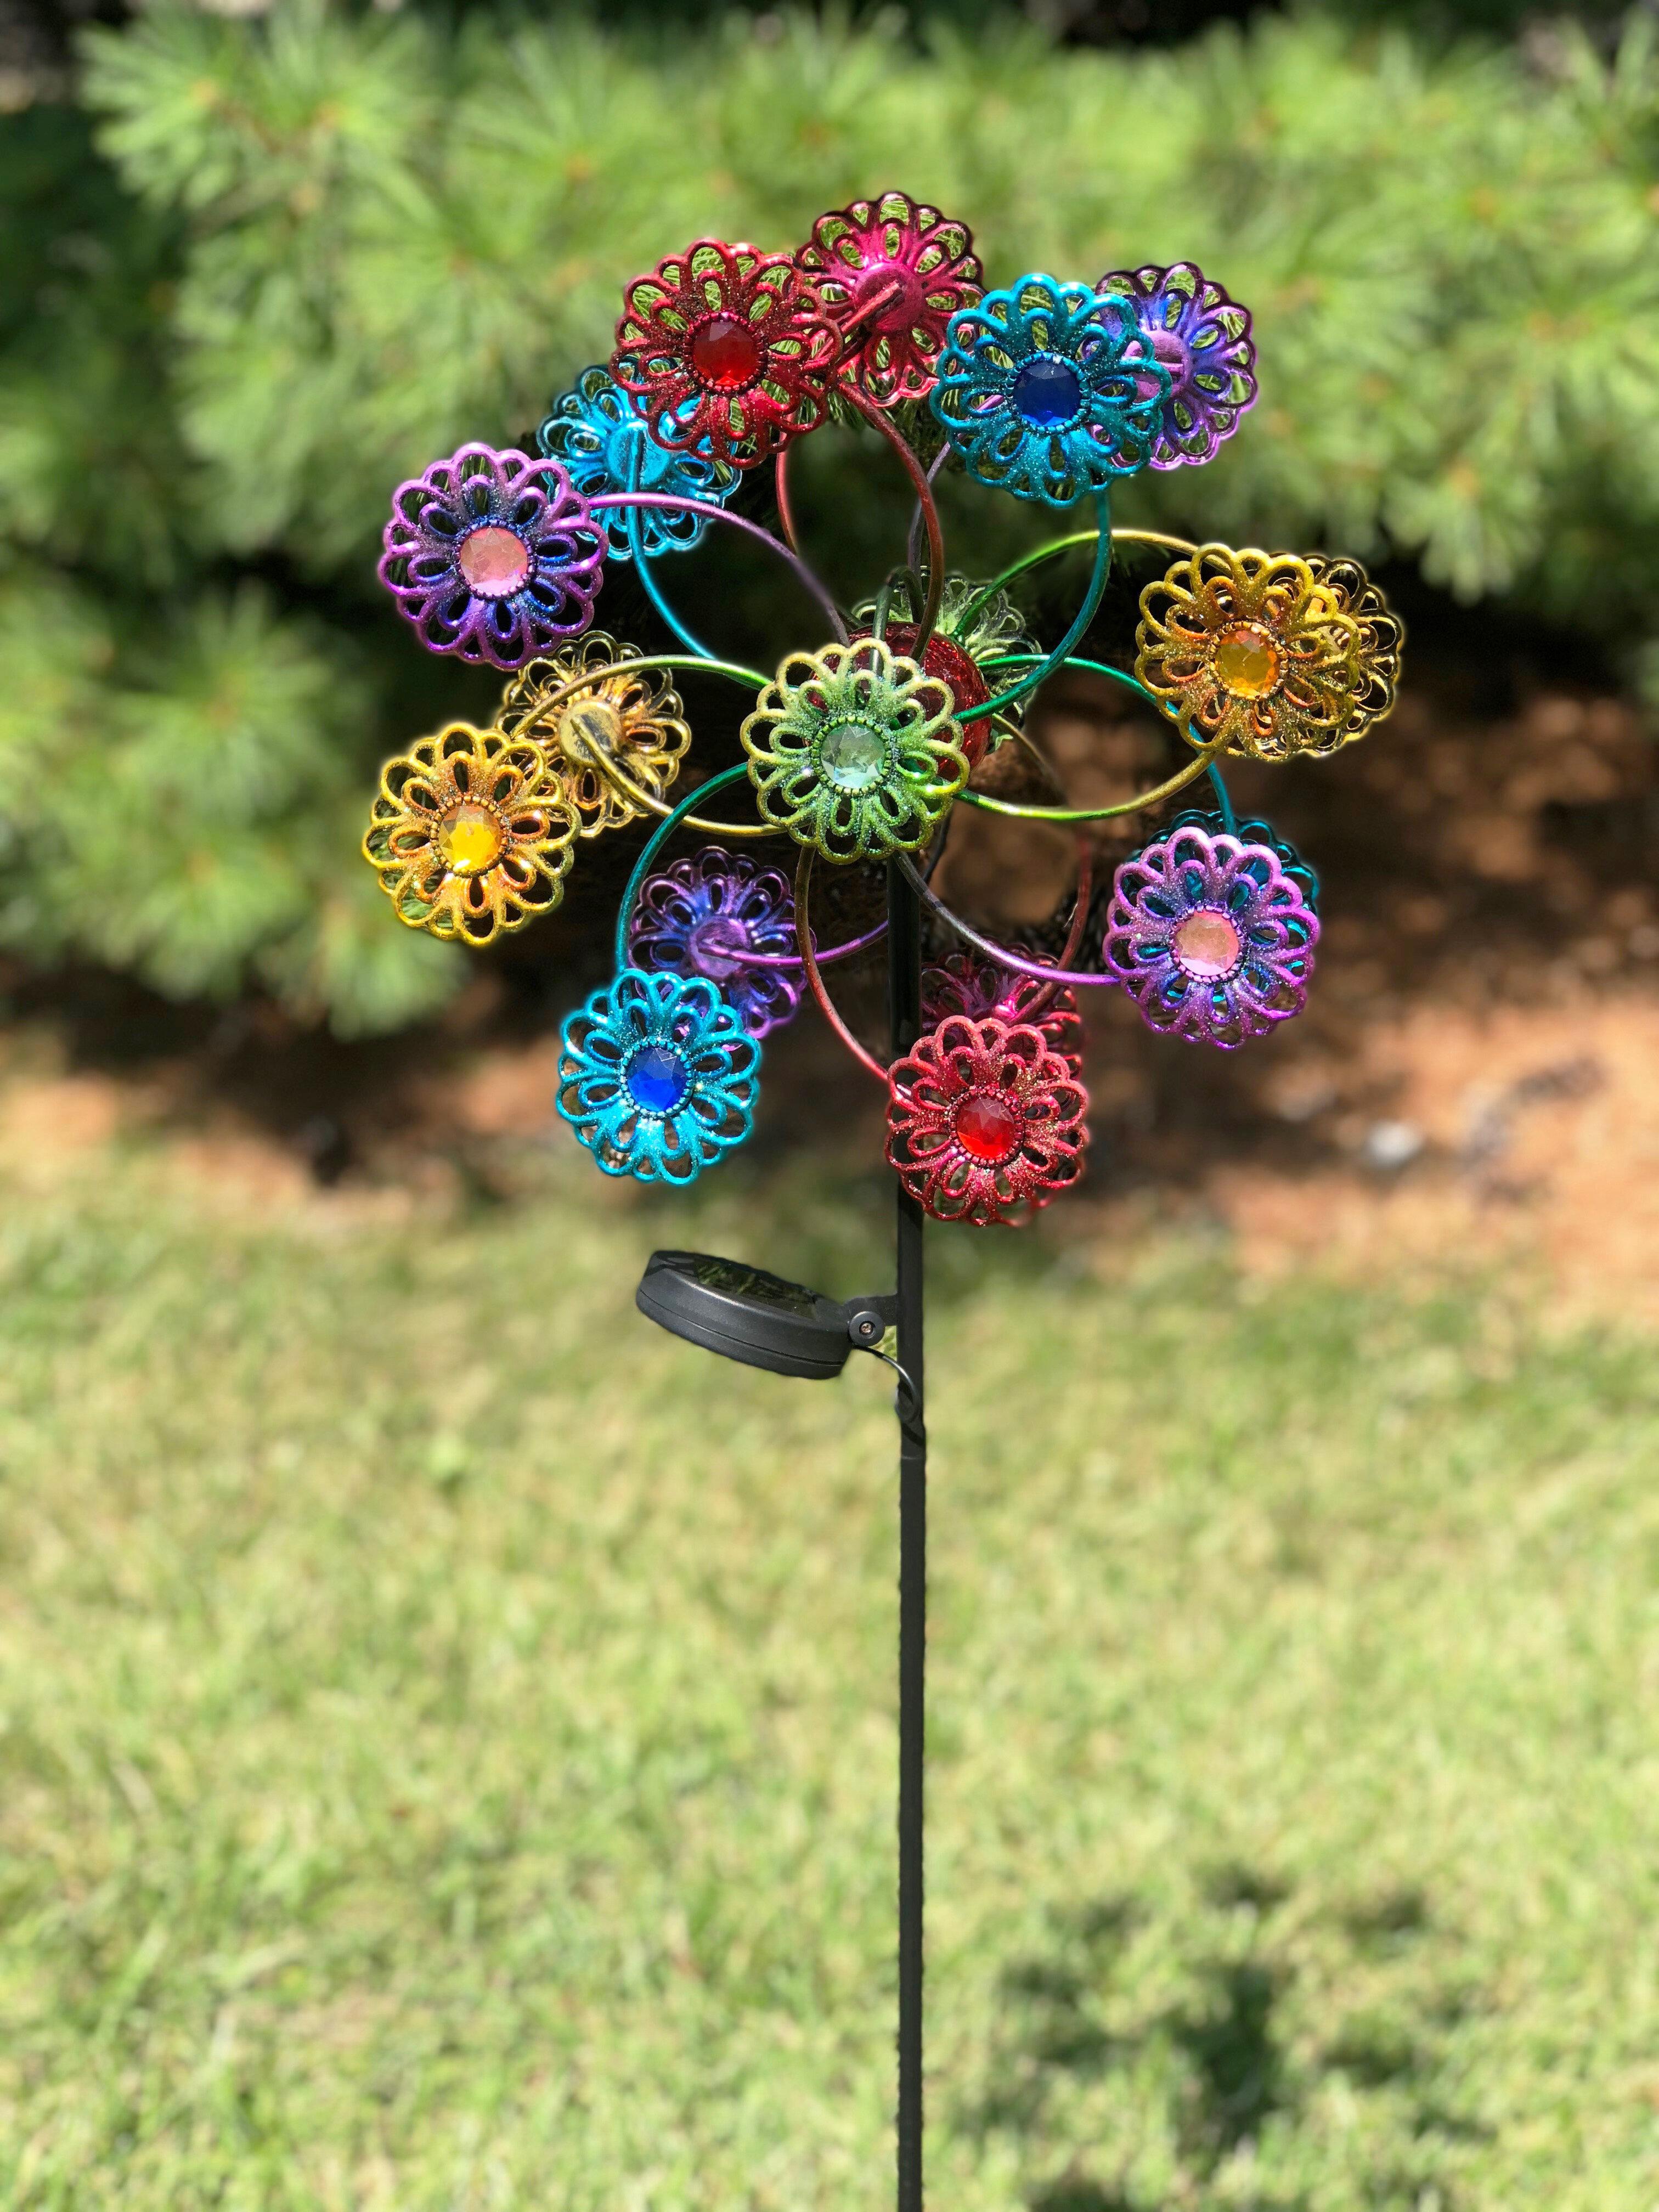 Spinner Solar Faucet Flower Rotator